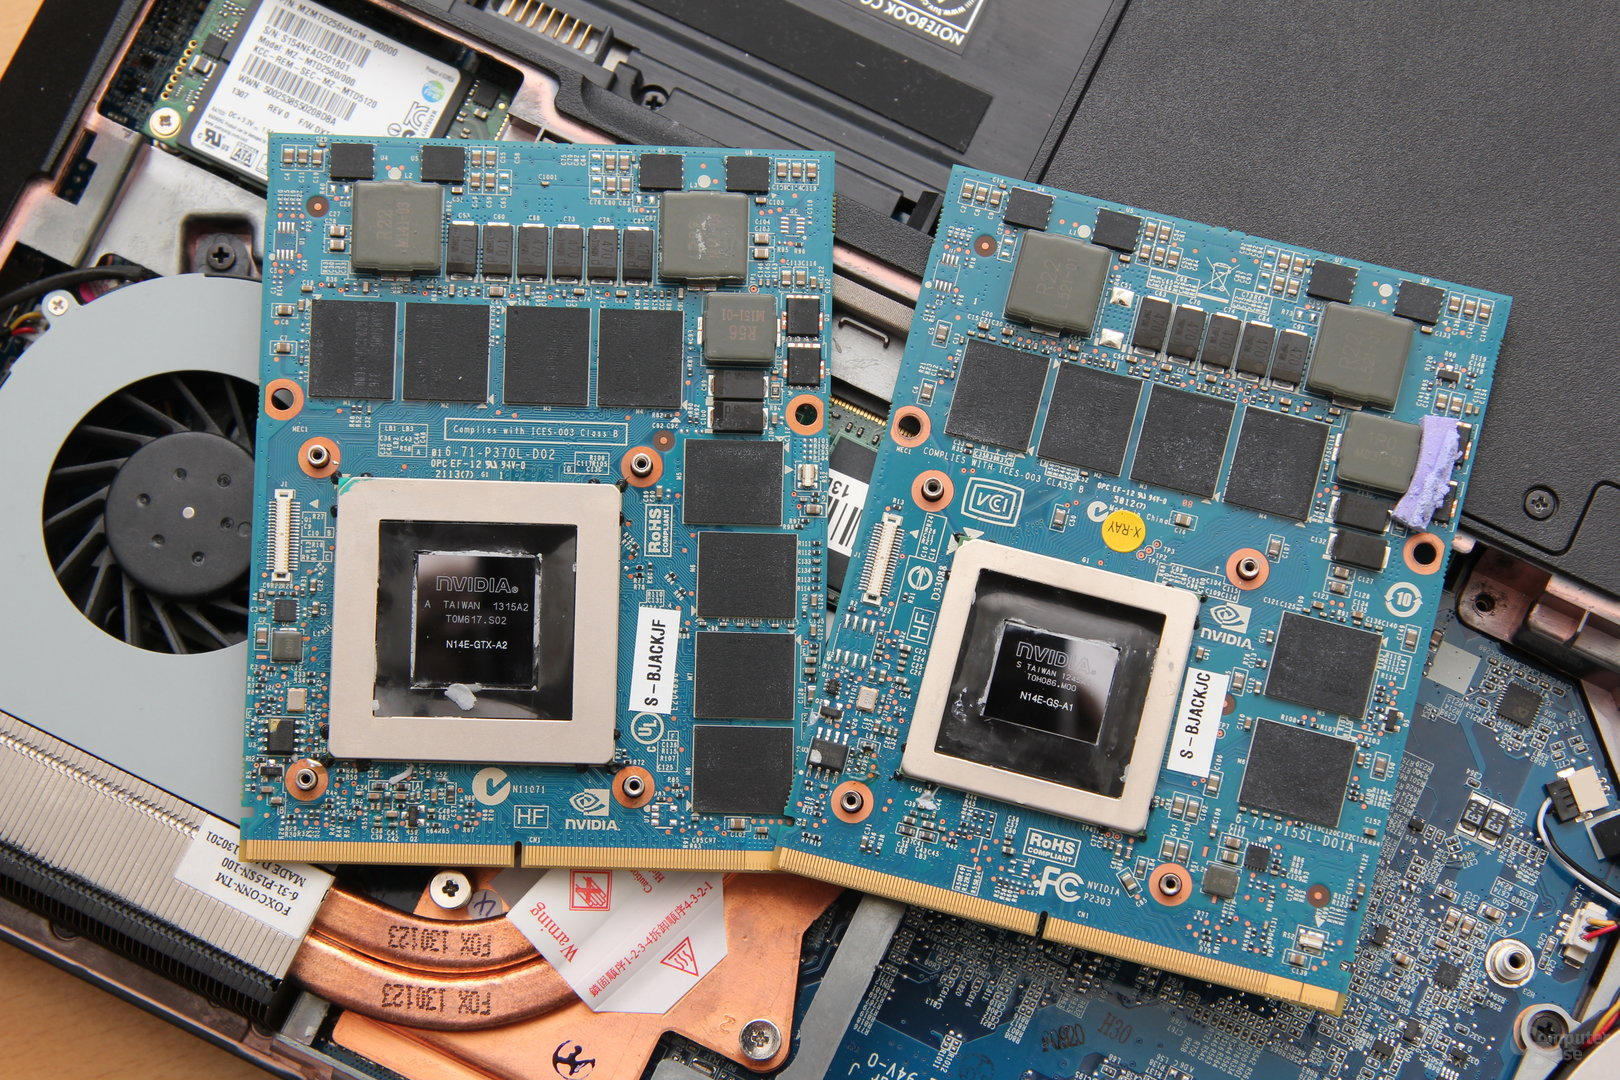 v.l.n.r.: GeForce GTX 780M und 770M auf MXM-Modul